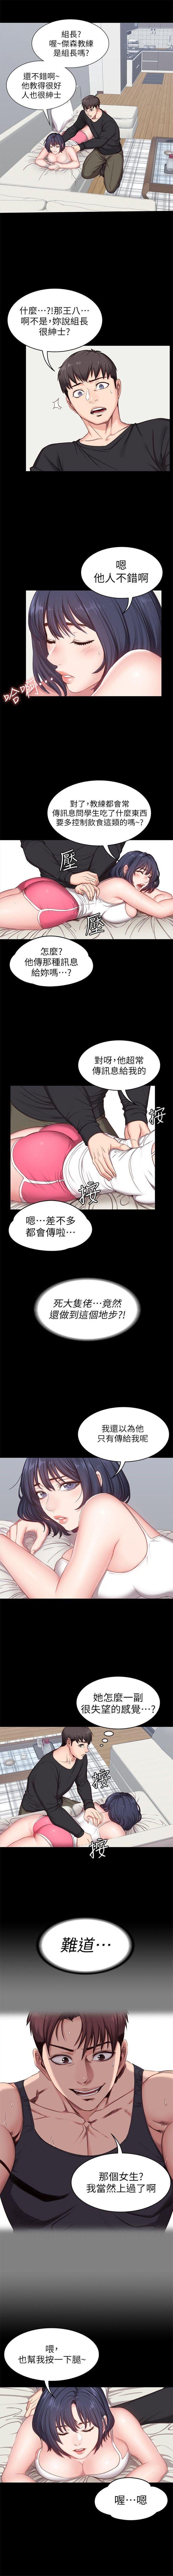 (週3)健身教練 1-37 中文翻譯 (更新中) 38